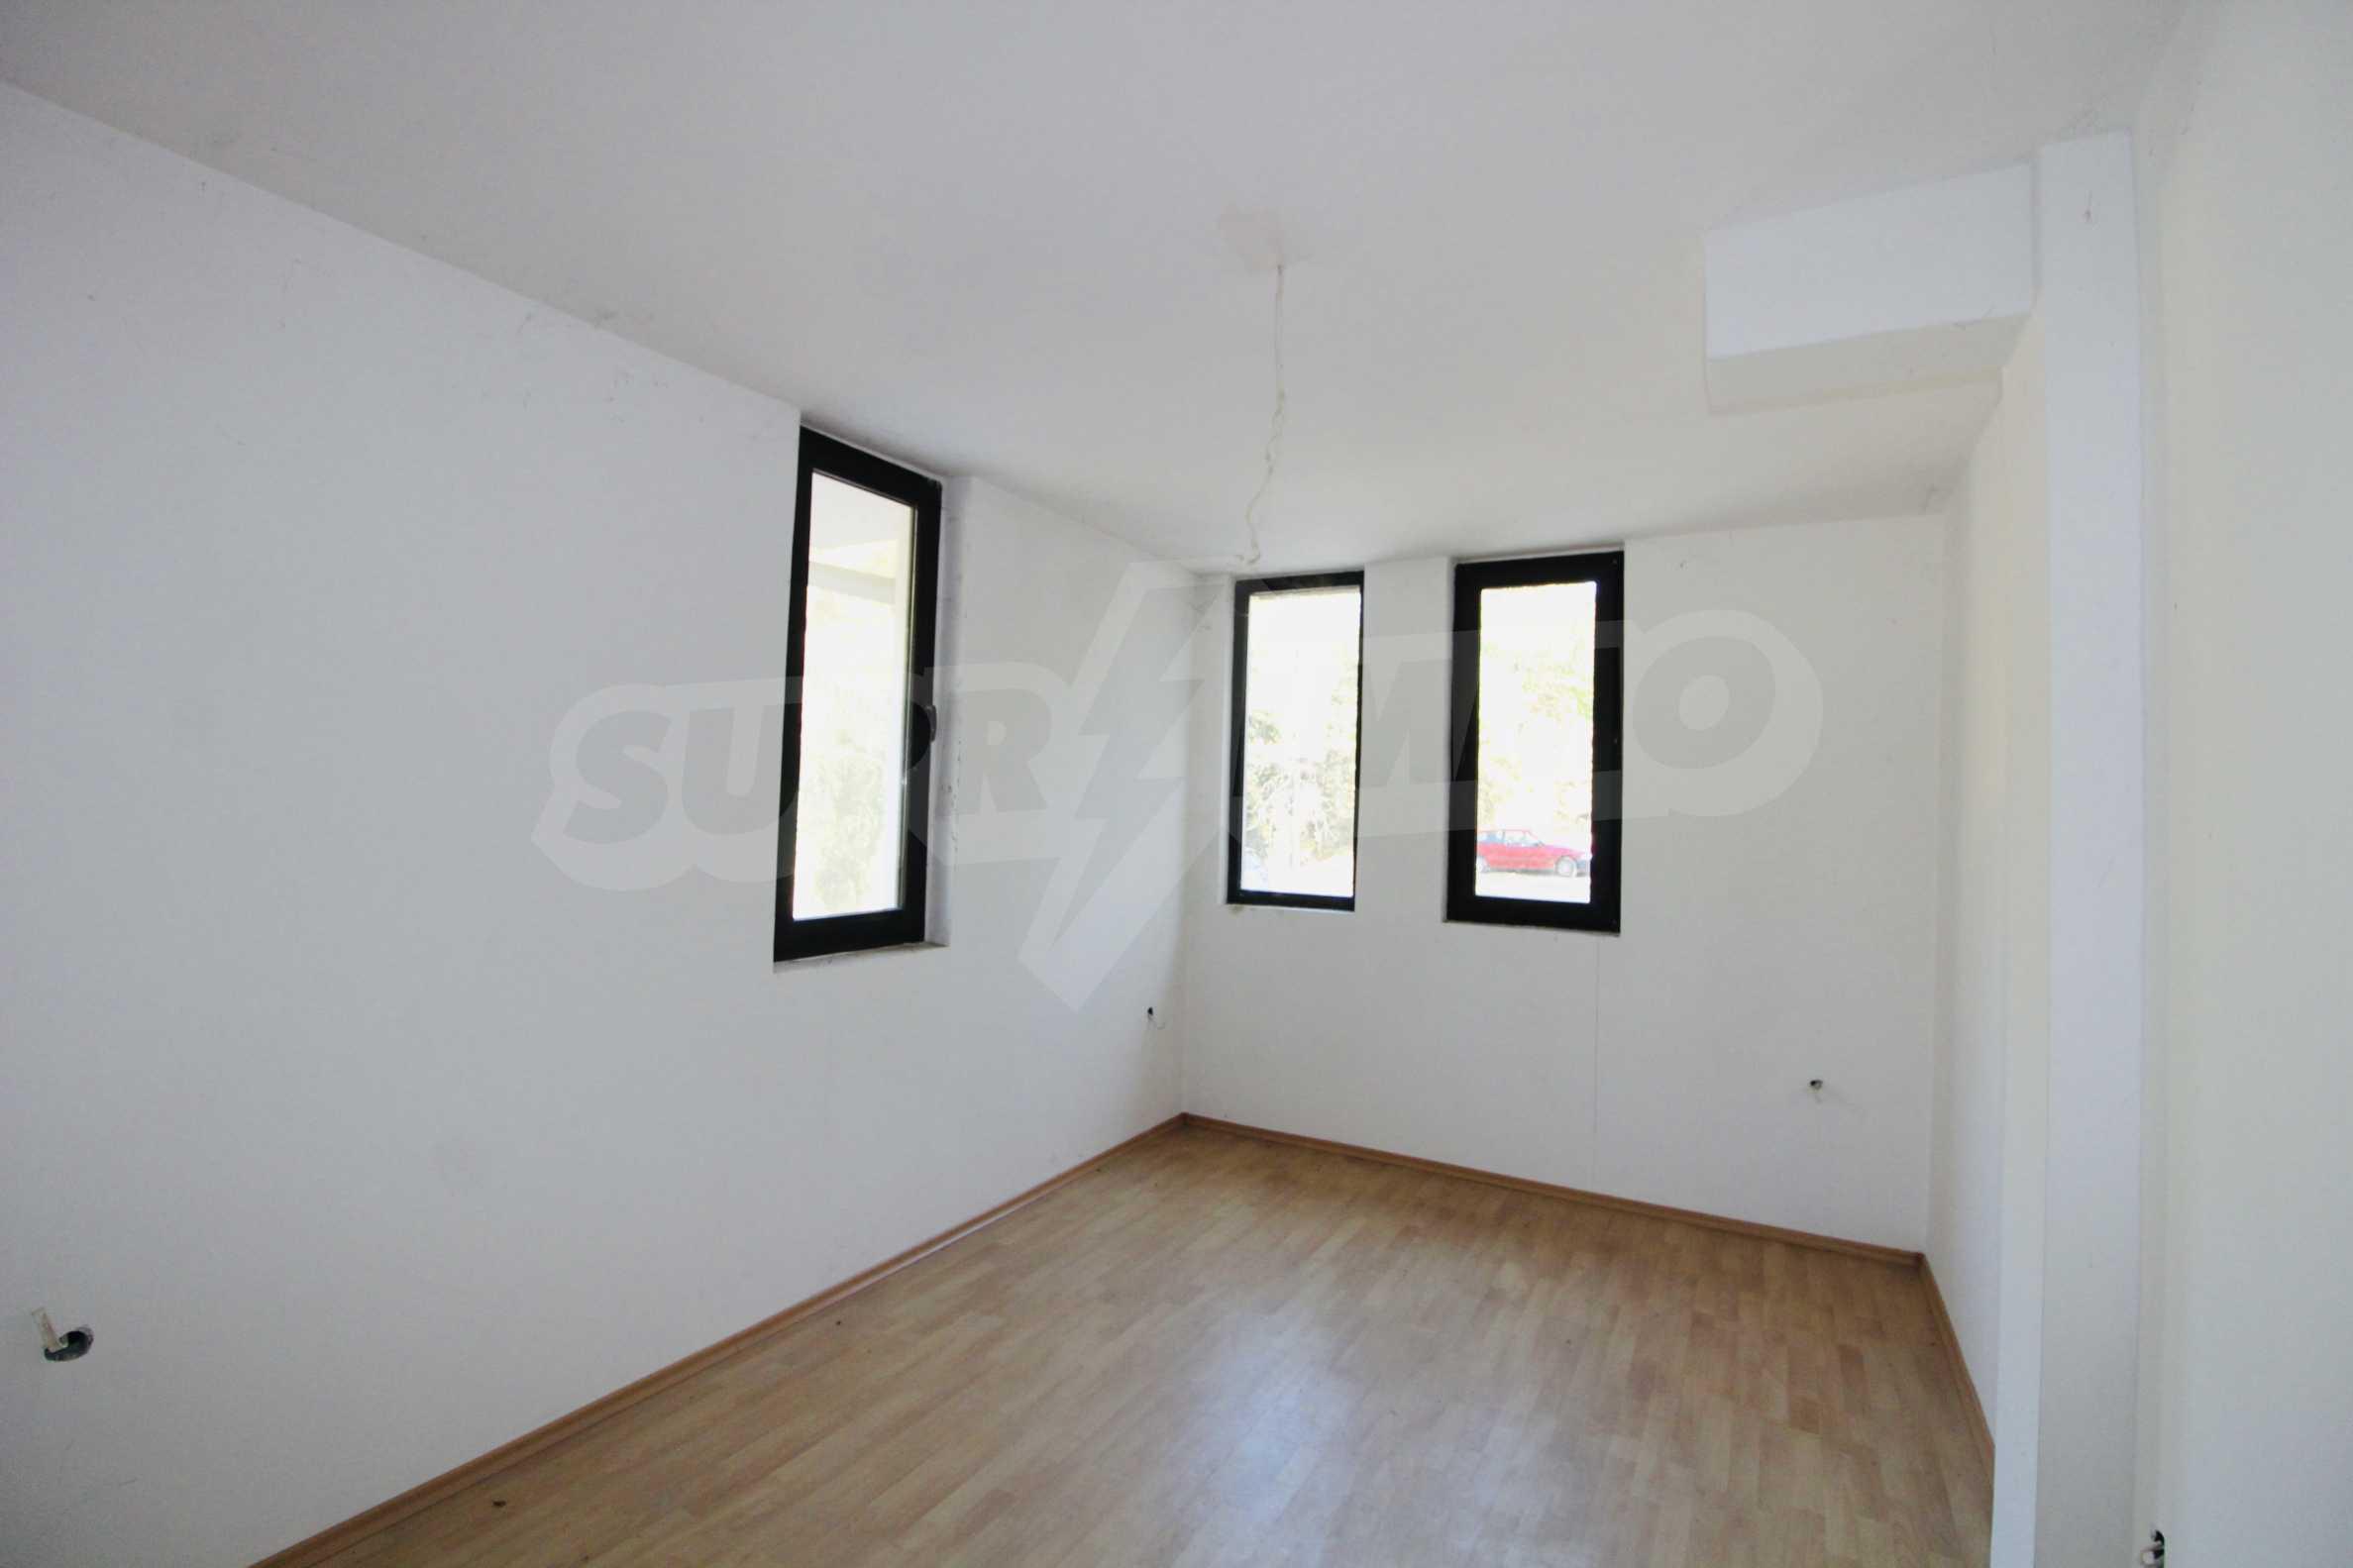 Zwei-Zimmer-Wohnung mit Parkplatz und Keller in der berühmten architektonischen Reserve Arbanassi 5